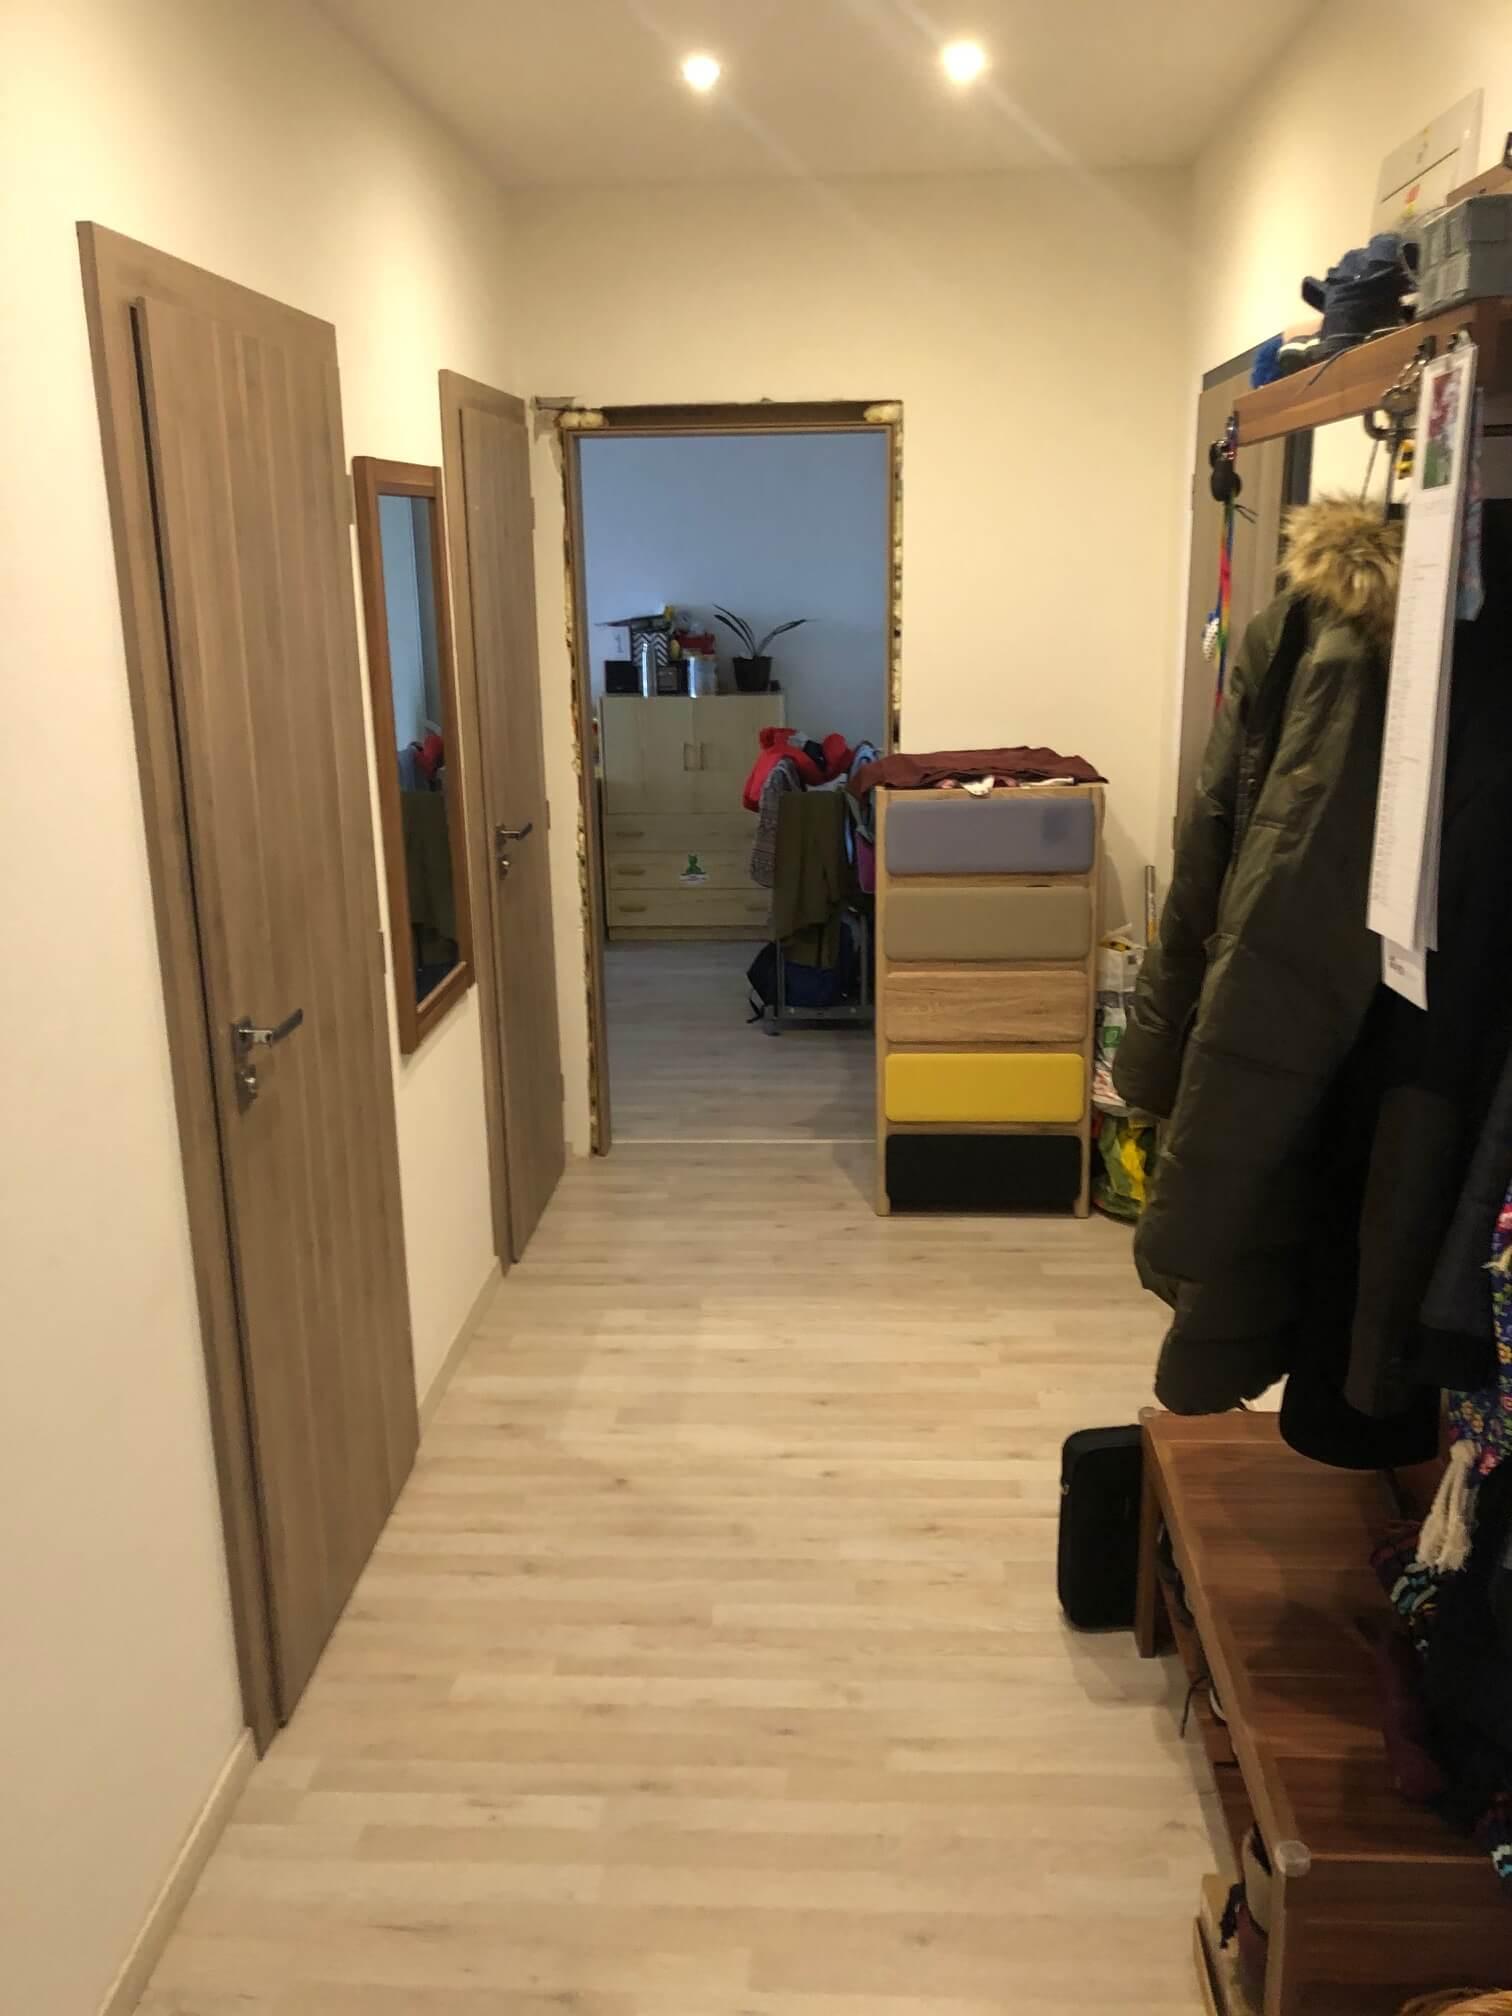 Prenajate: Prenájom 2 izb. byt, Luxusne zariadeny, v tichej lokalite, Brnianska 4, nad Farbičkou, Malacky,-9